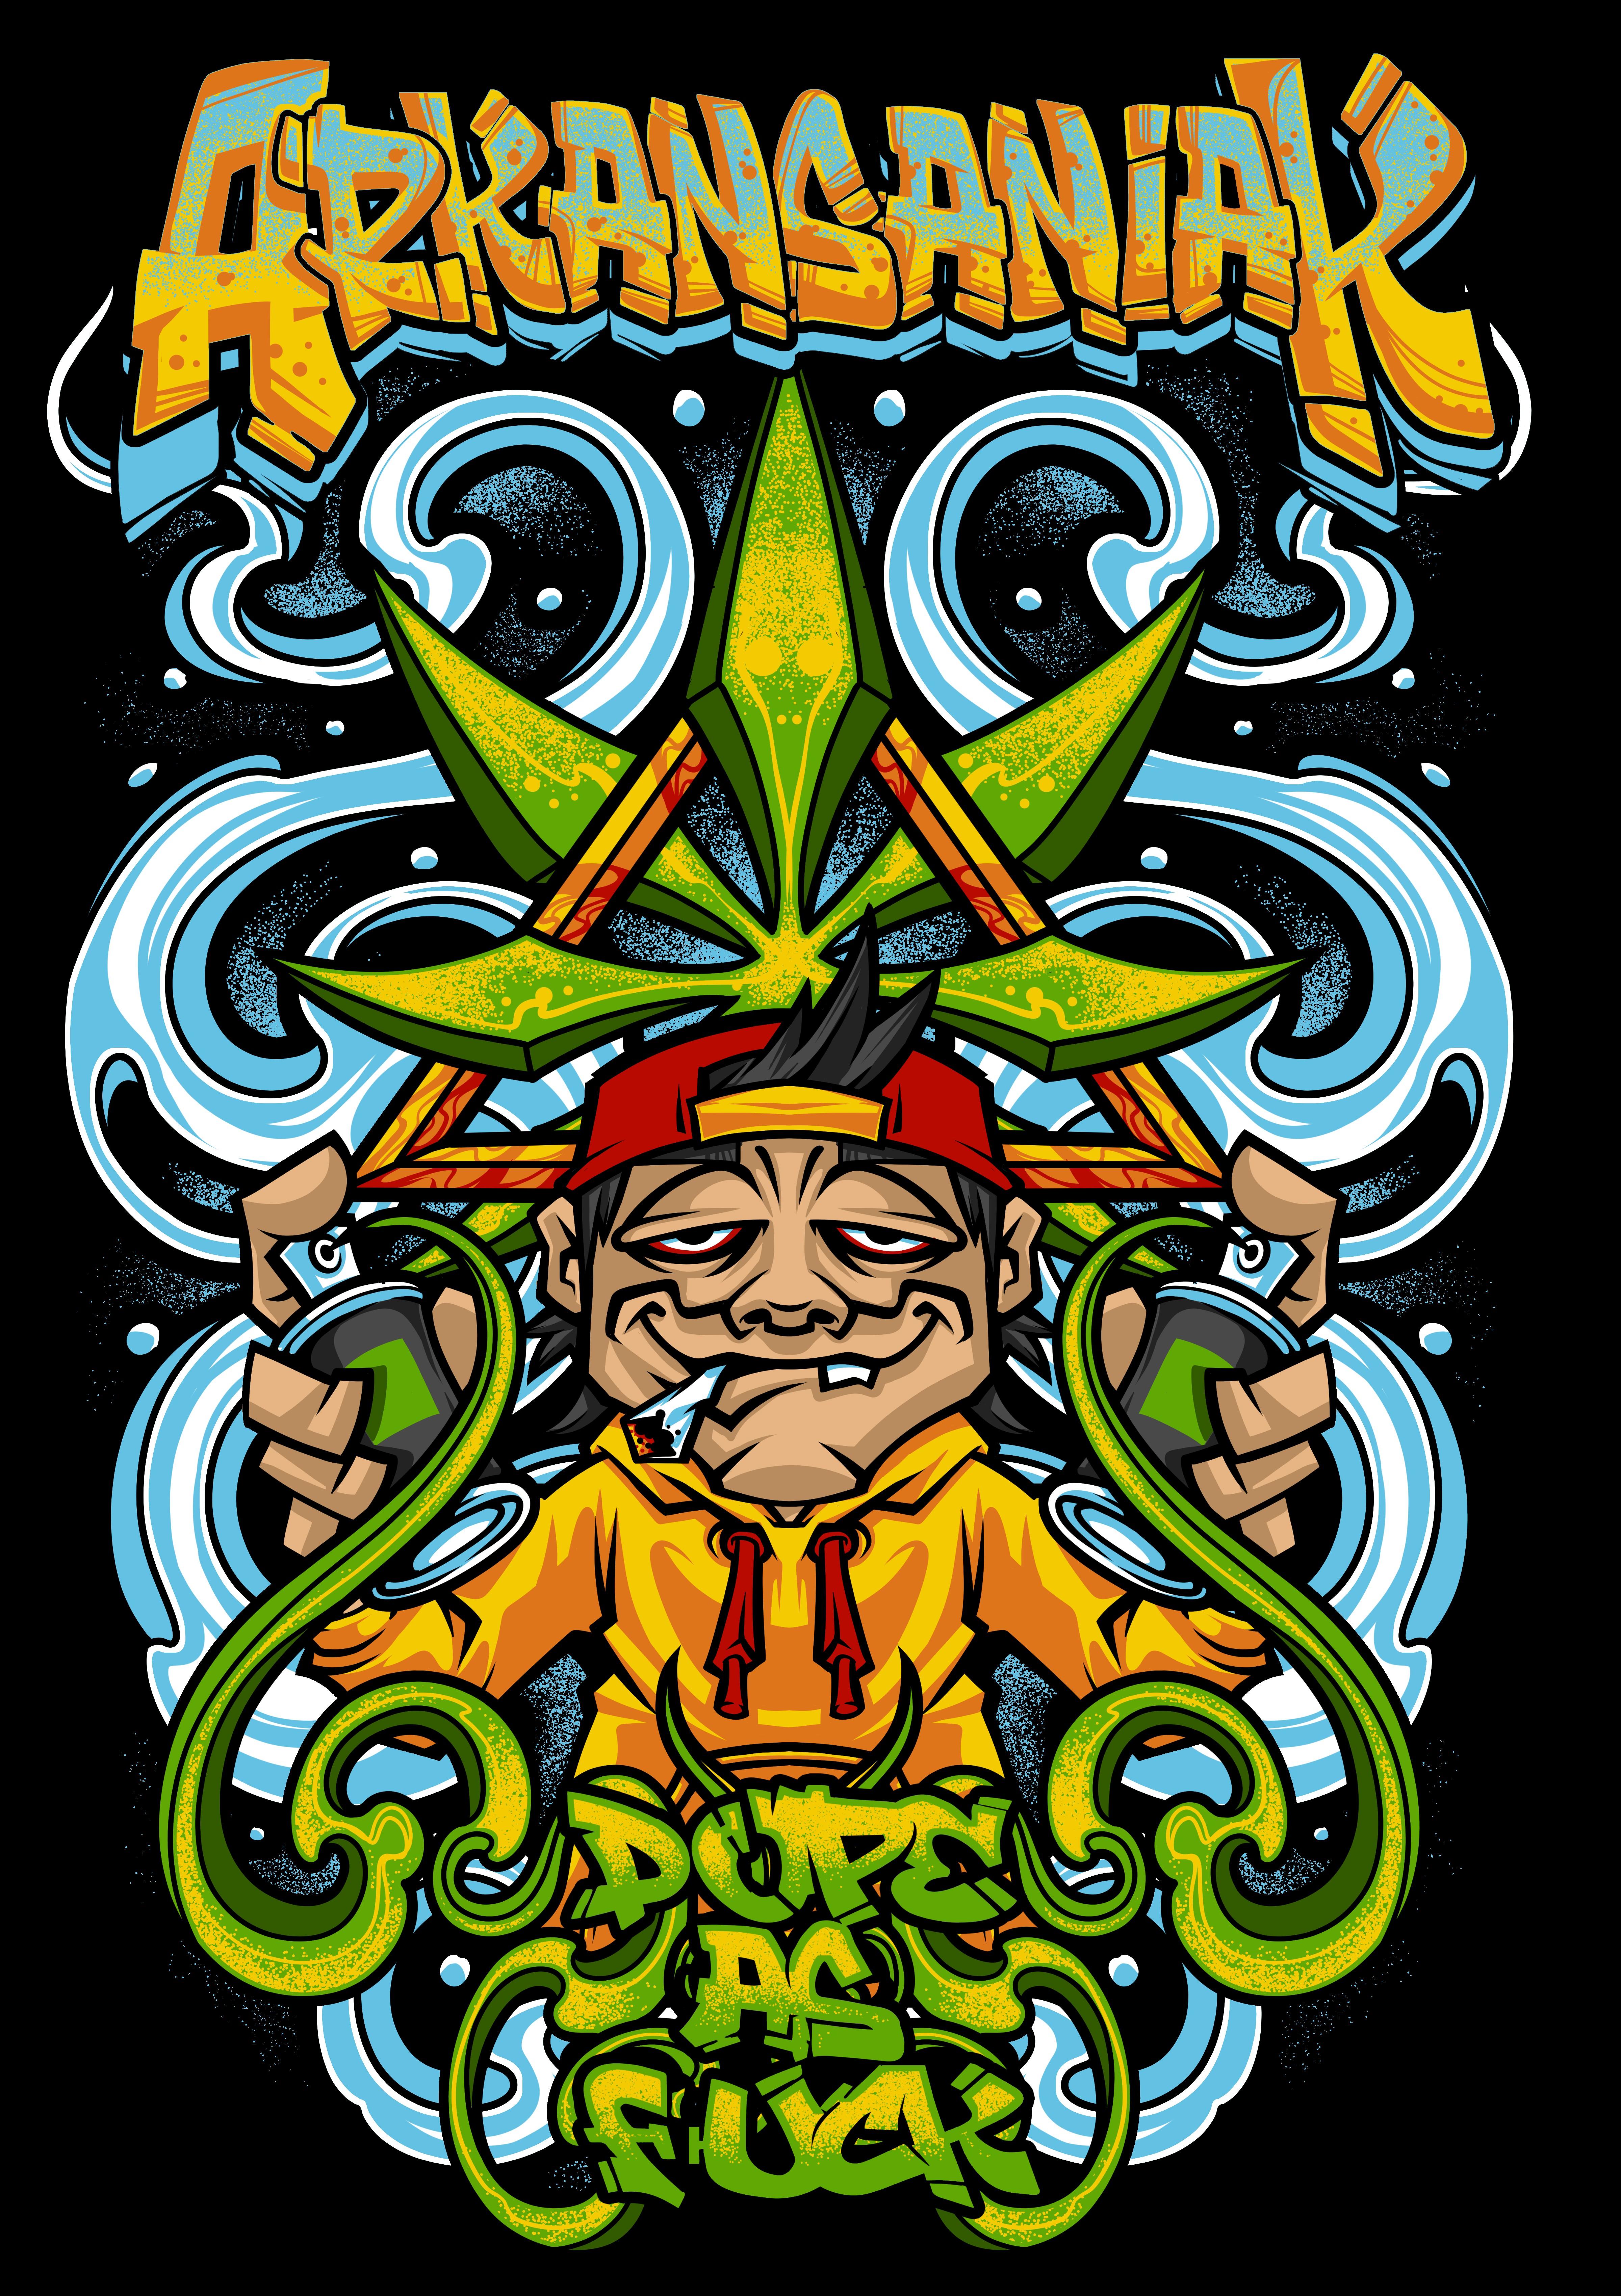 Marijuana Graffiti T-Shirt Design